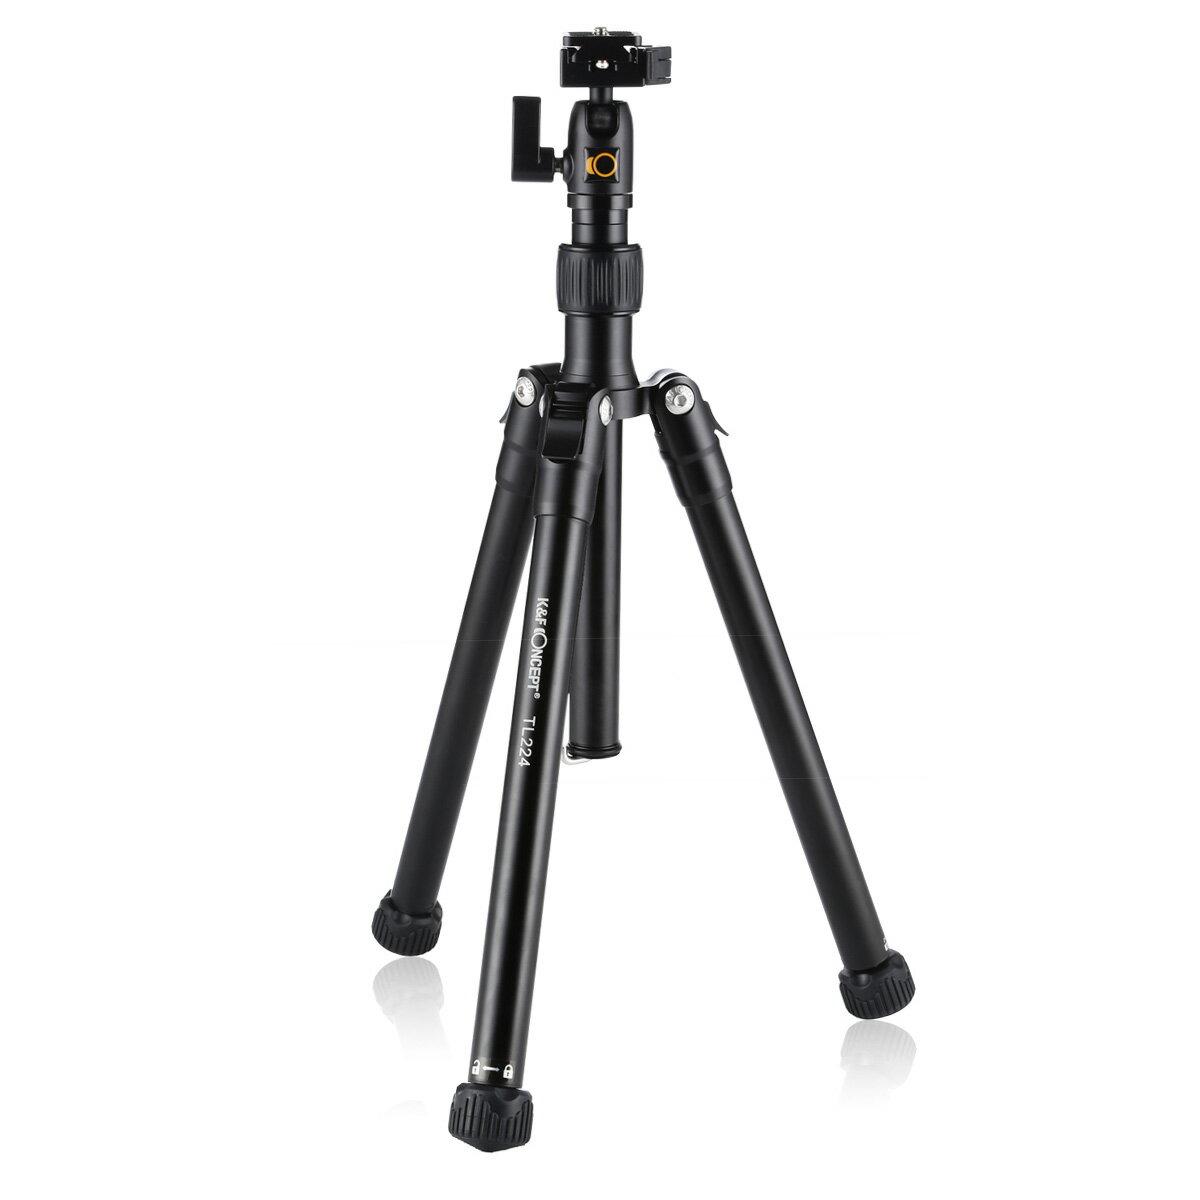 カメラ・ビデオカメラ・光学機器, その他 KF Concept 5 KF-TL224